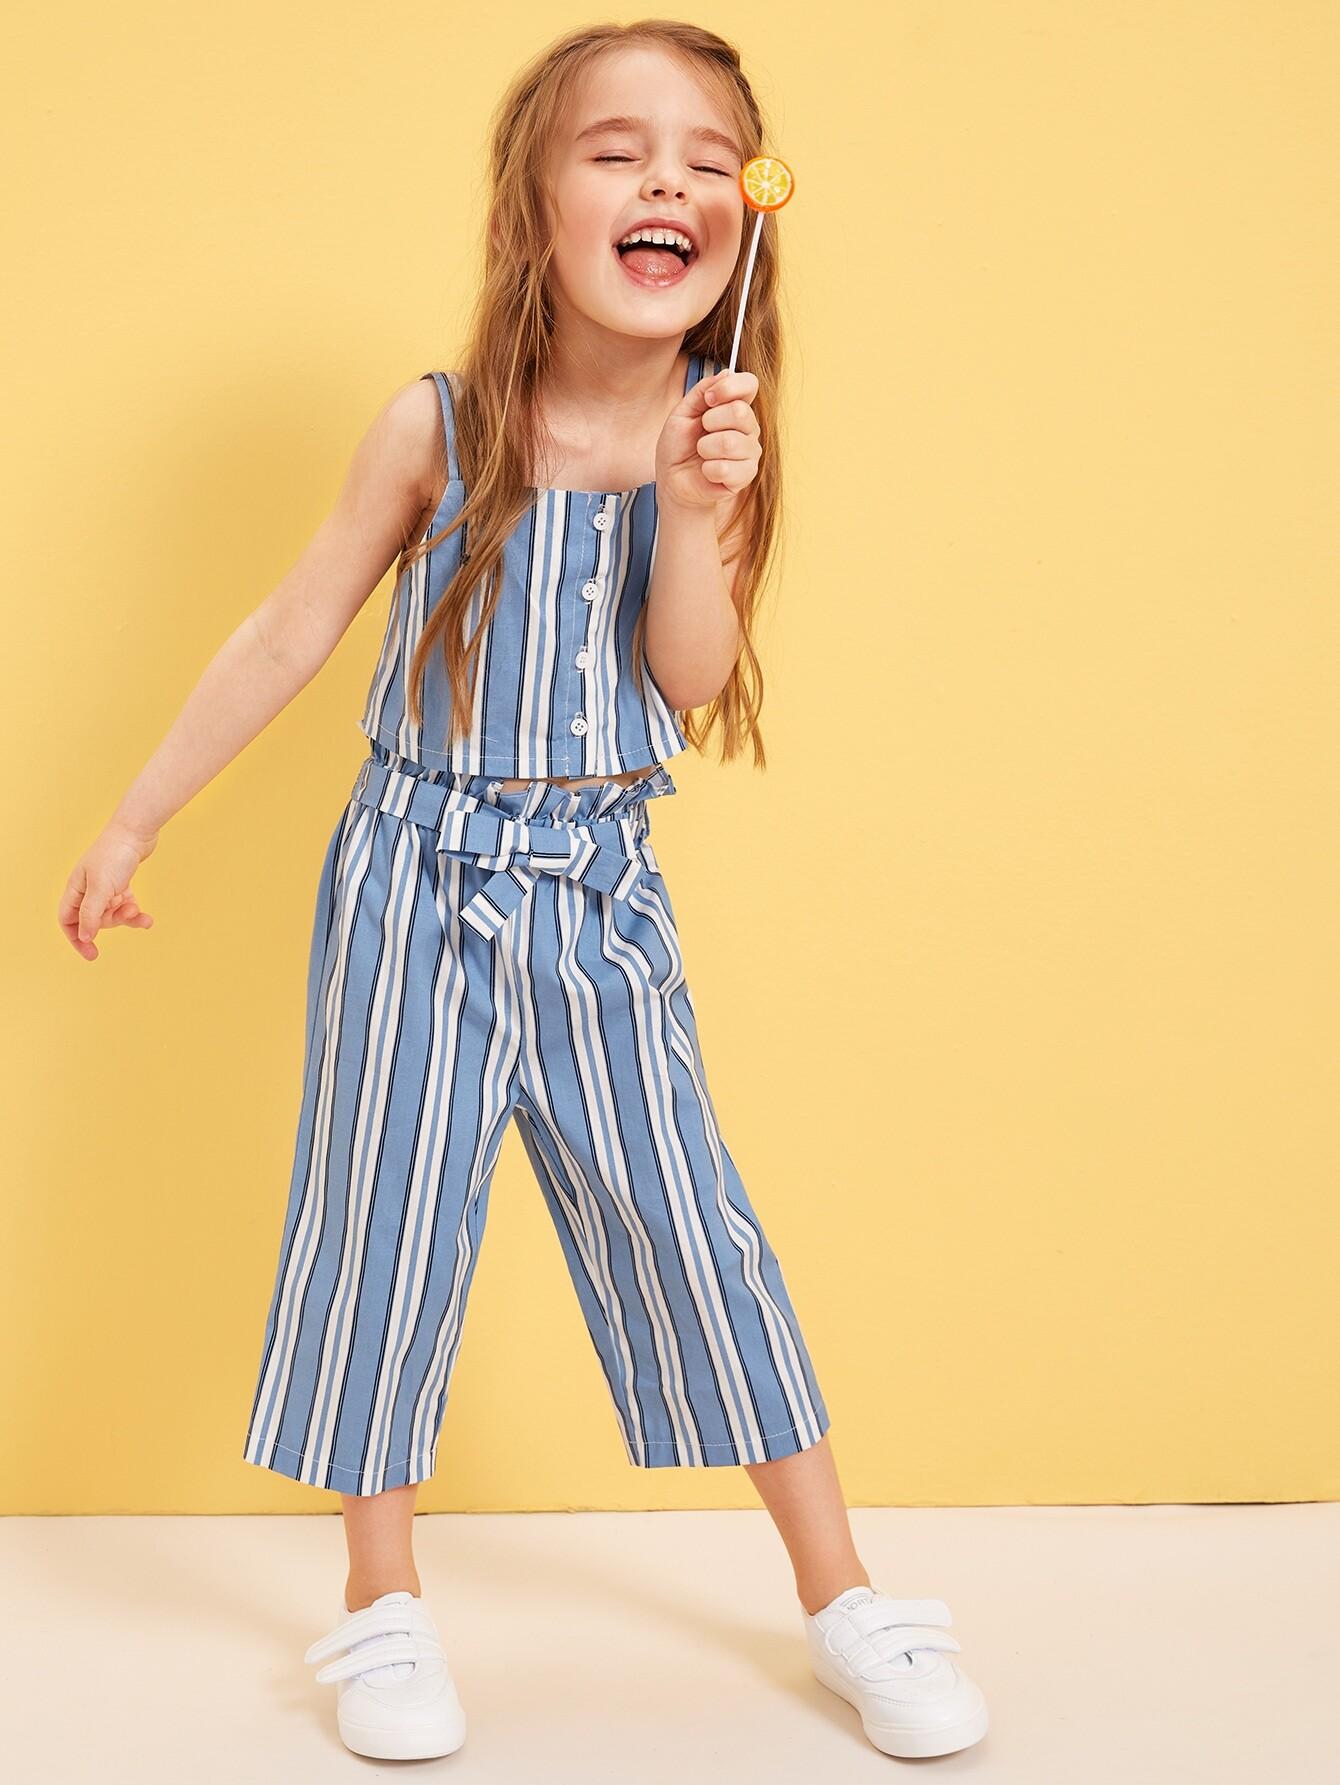 Фото - Полосатая блузка и брюки с присборенной талией для девочек от SheIn синего цвета